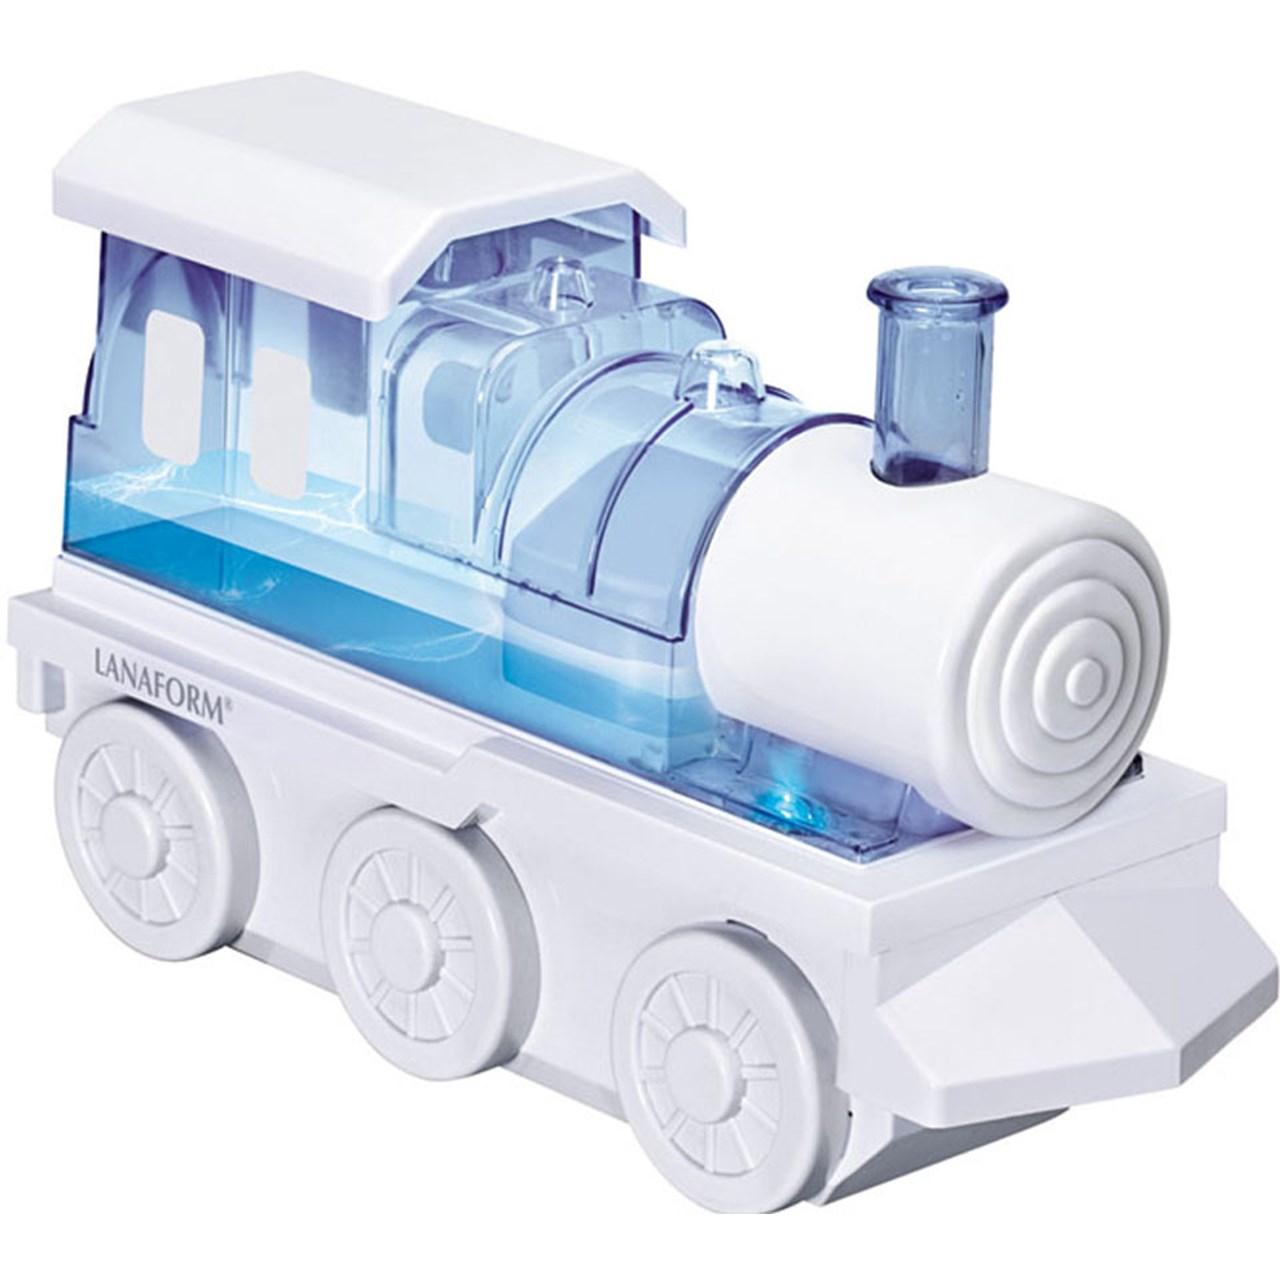 دستگاه بخور کودک لانافرم مدل Trainy